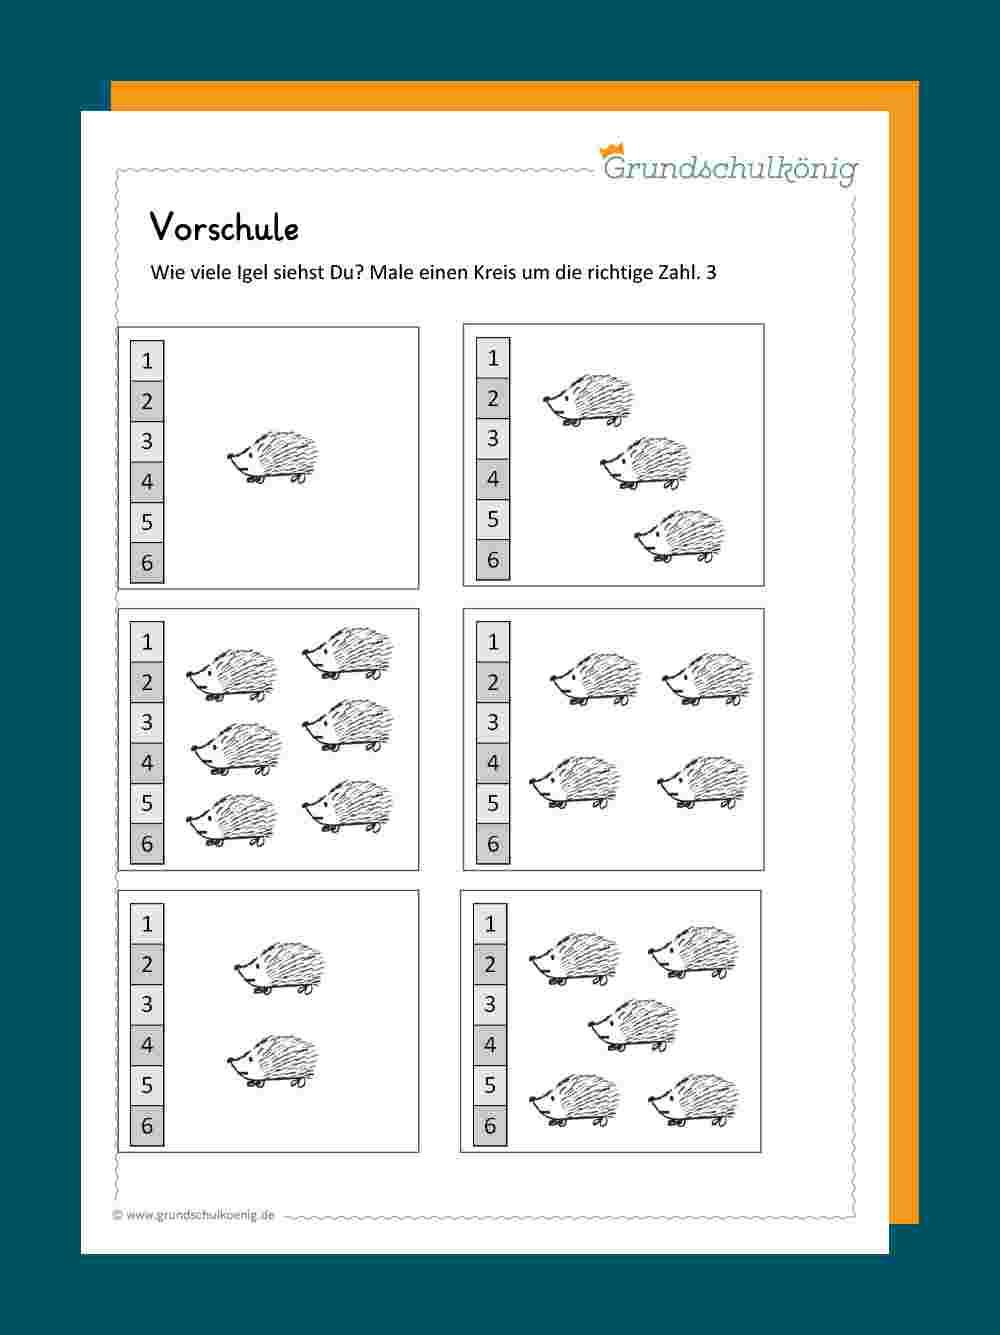 Erste Zahlen ganzes Mathematik Vorschule Arbeitsblätter Kostenlos